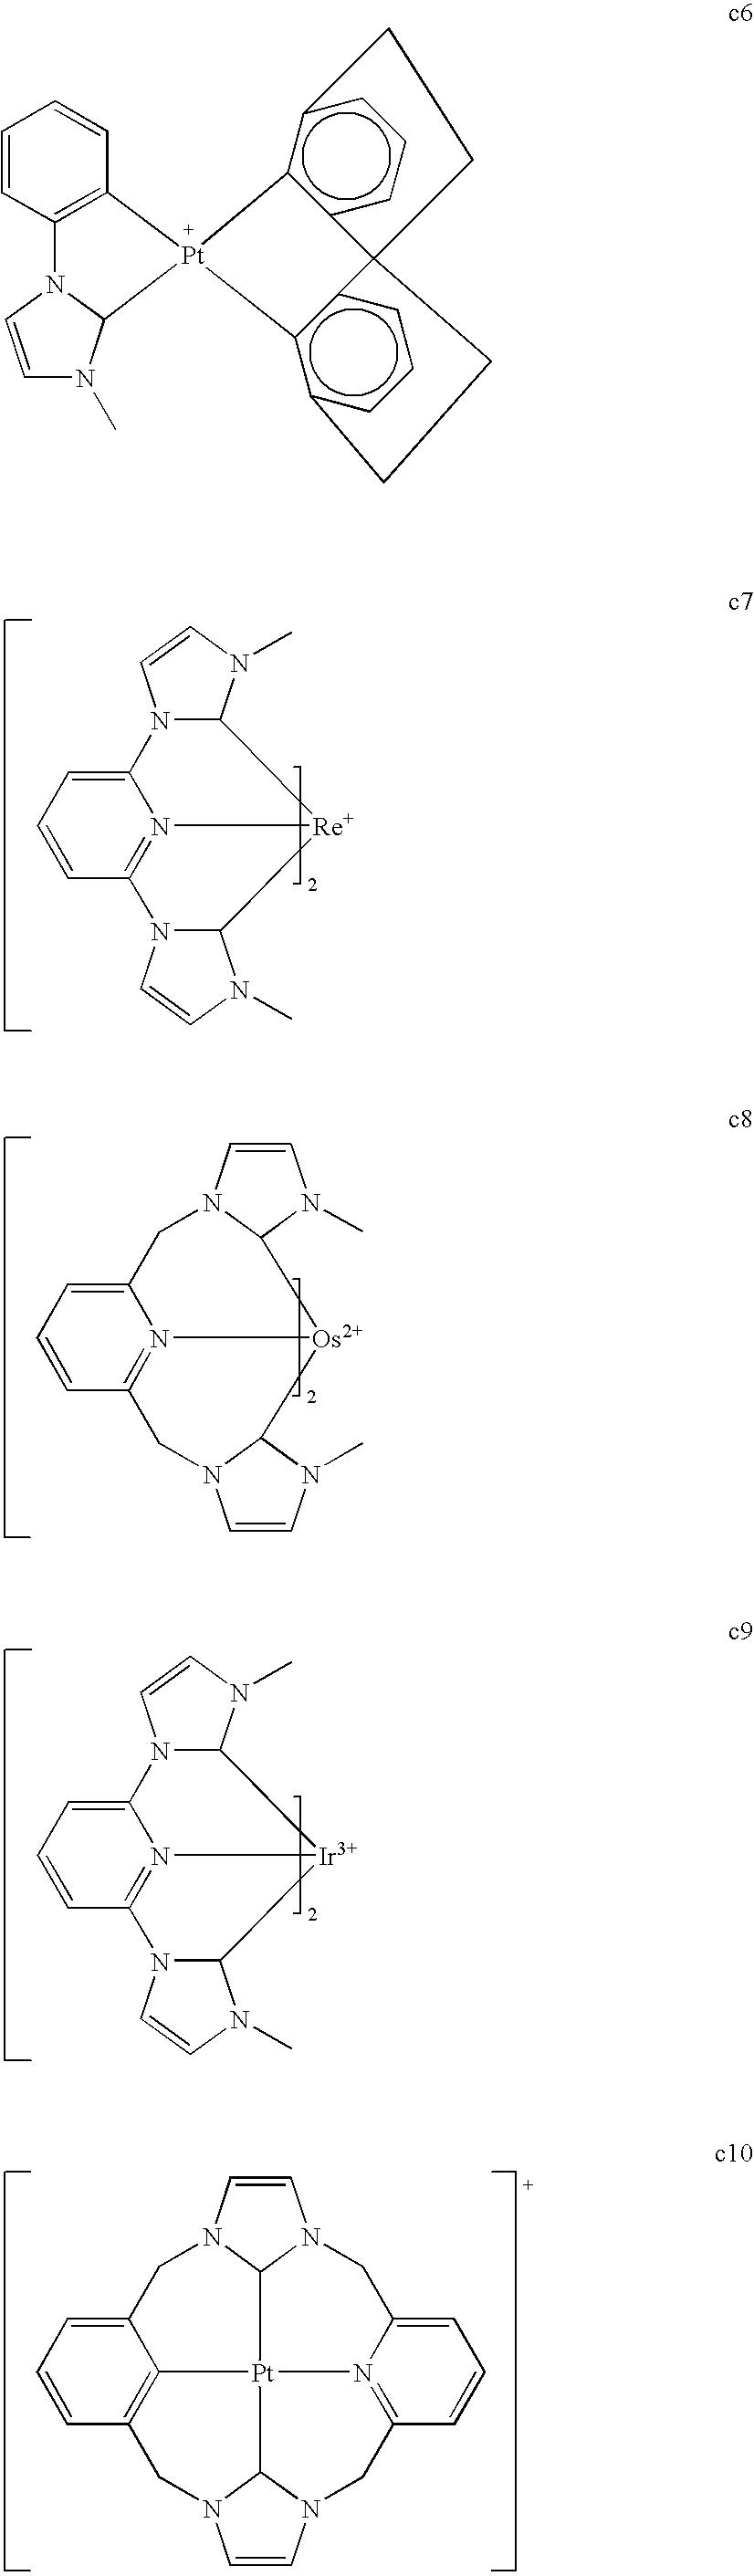 Figure US07445855-20081104-C00339